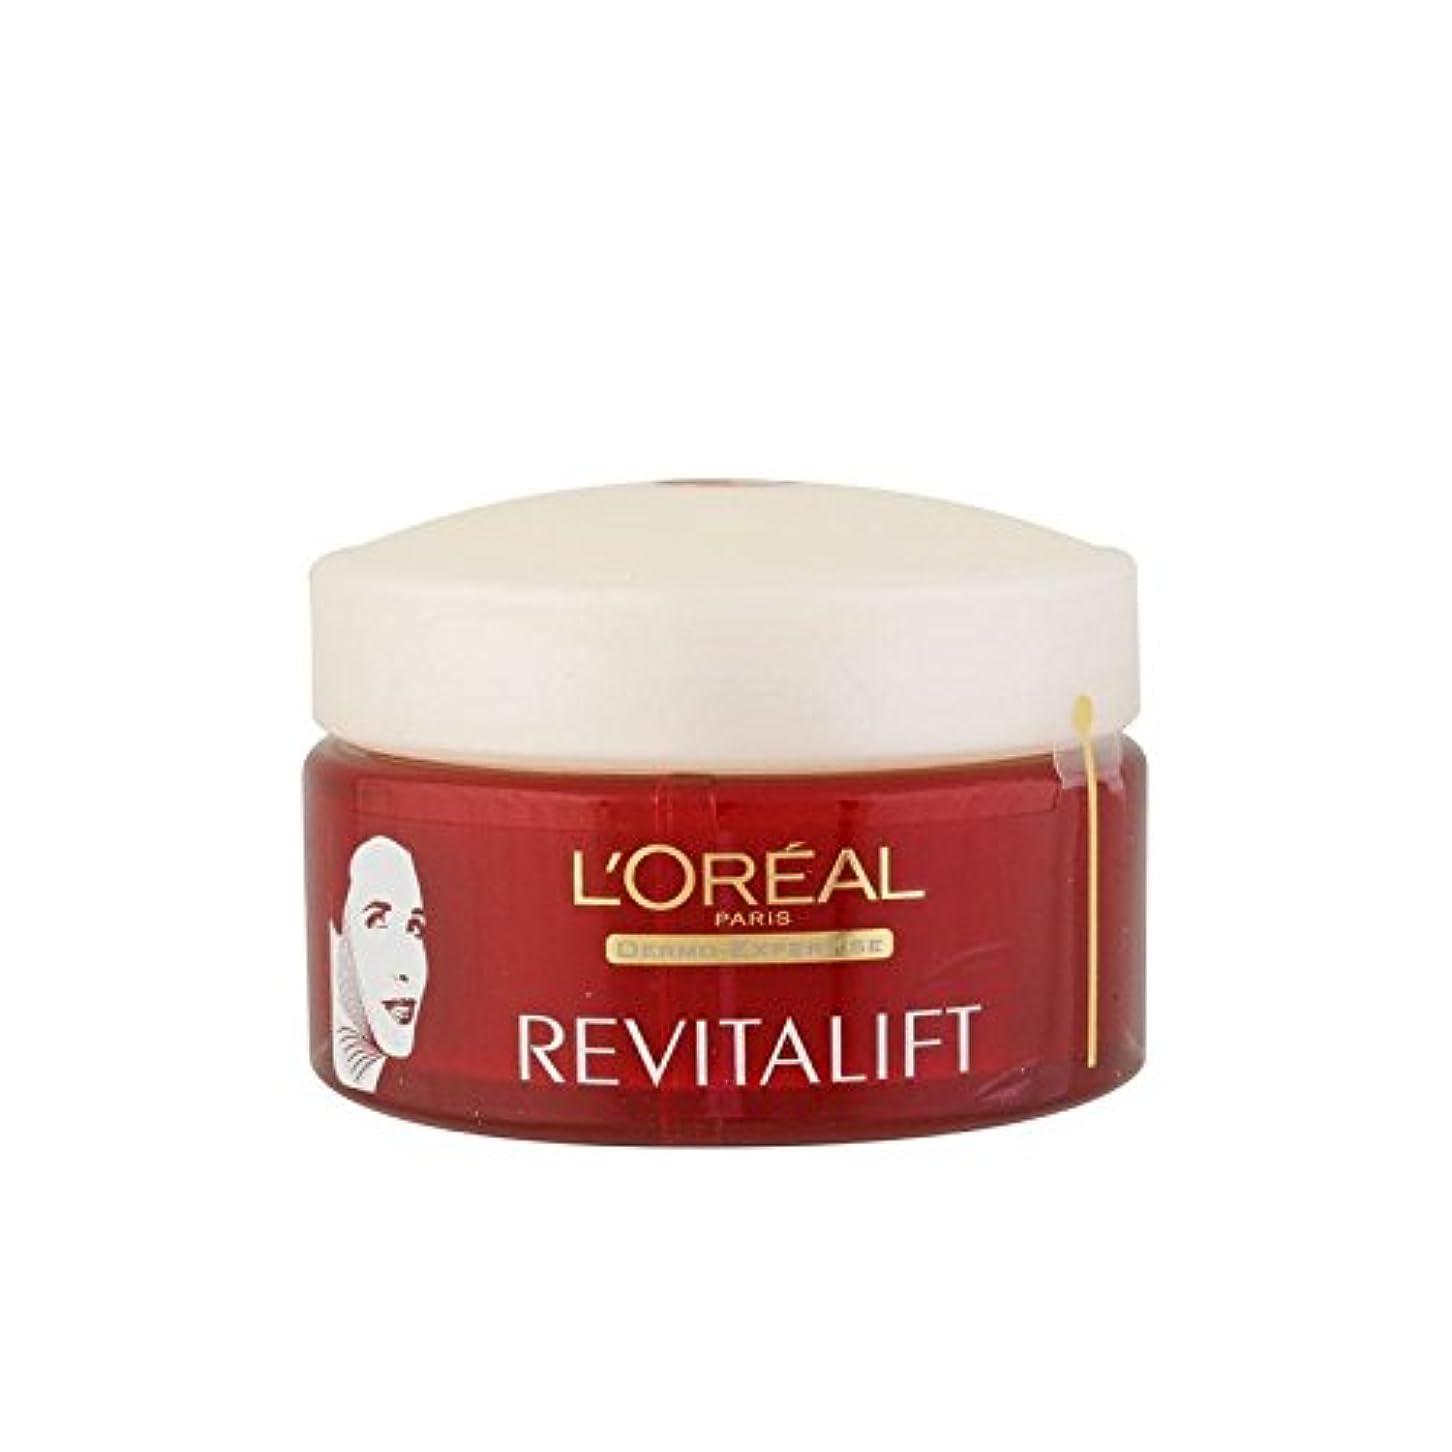 栄光ジョージエリオット封建L'Oreal Paris Dermo Expertise Revitalift Face Contours And Neck Re-Support Cream (50ml) - ロレアルパリ?ダーモ専門知識顔の輪郭や首...